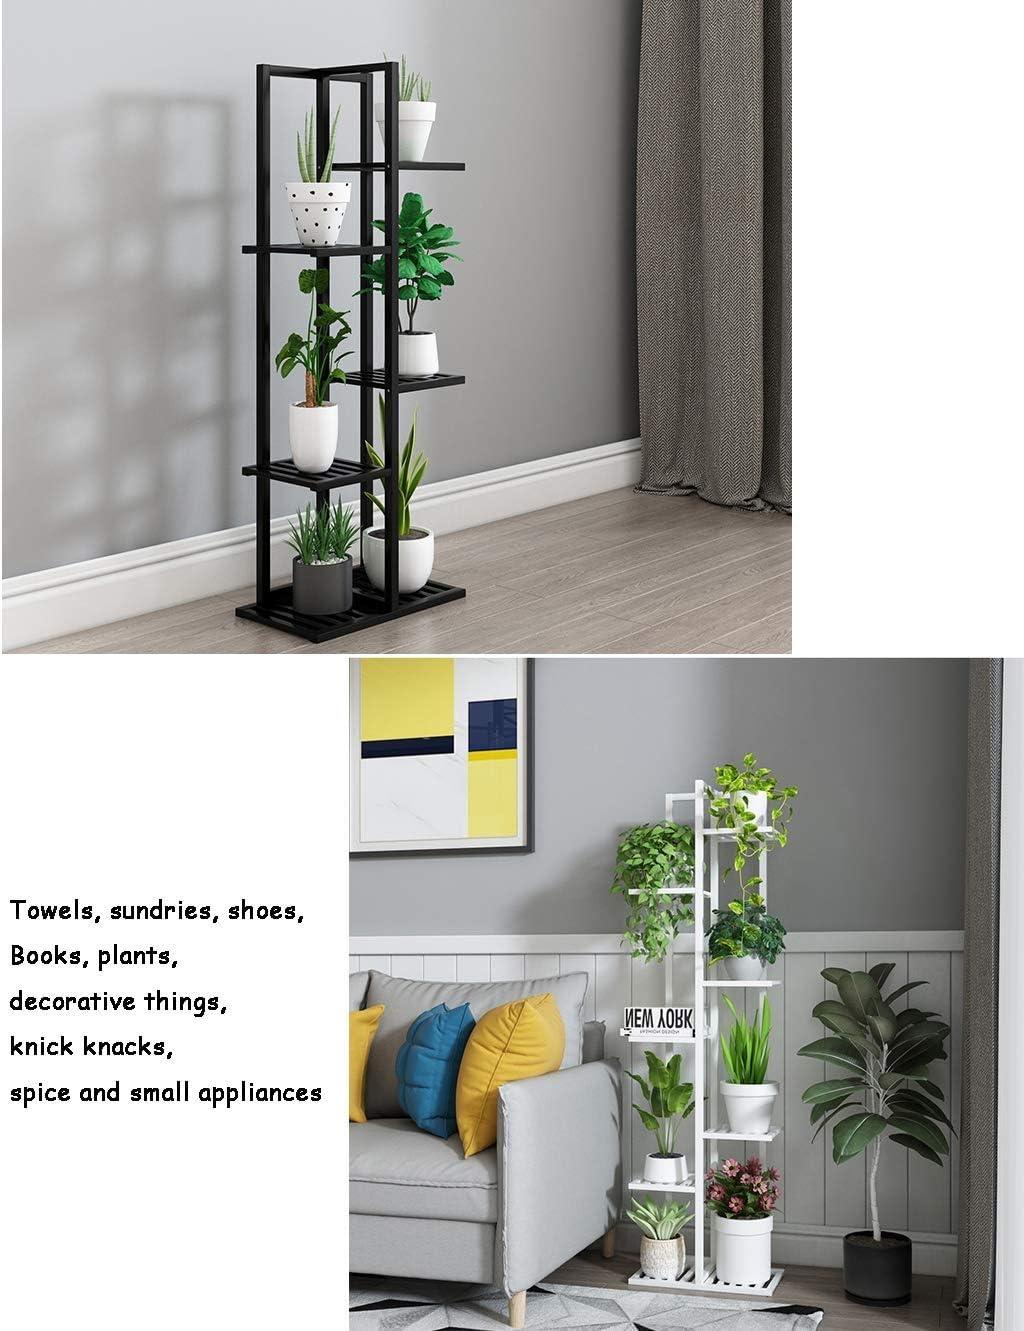 m 7 Nivel Planta de bamb/ú soporte Widen 8 maceta Tiesto soporte de exhibici/ón del estante de cubierta del invernadero del jard/ín al aire libre Patio Natural 15.7 x55.9 x7.8 Soporte para plantas